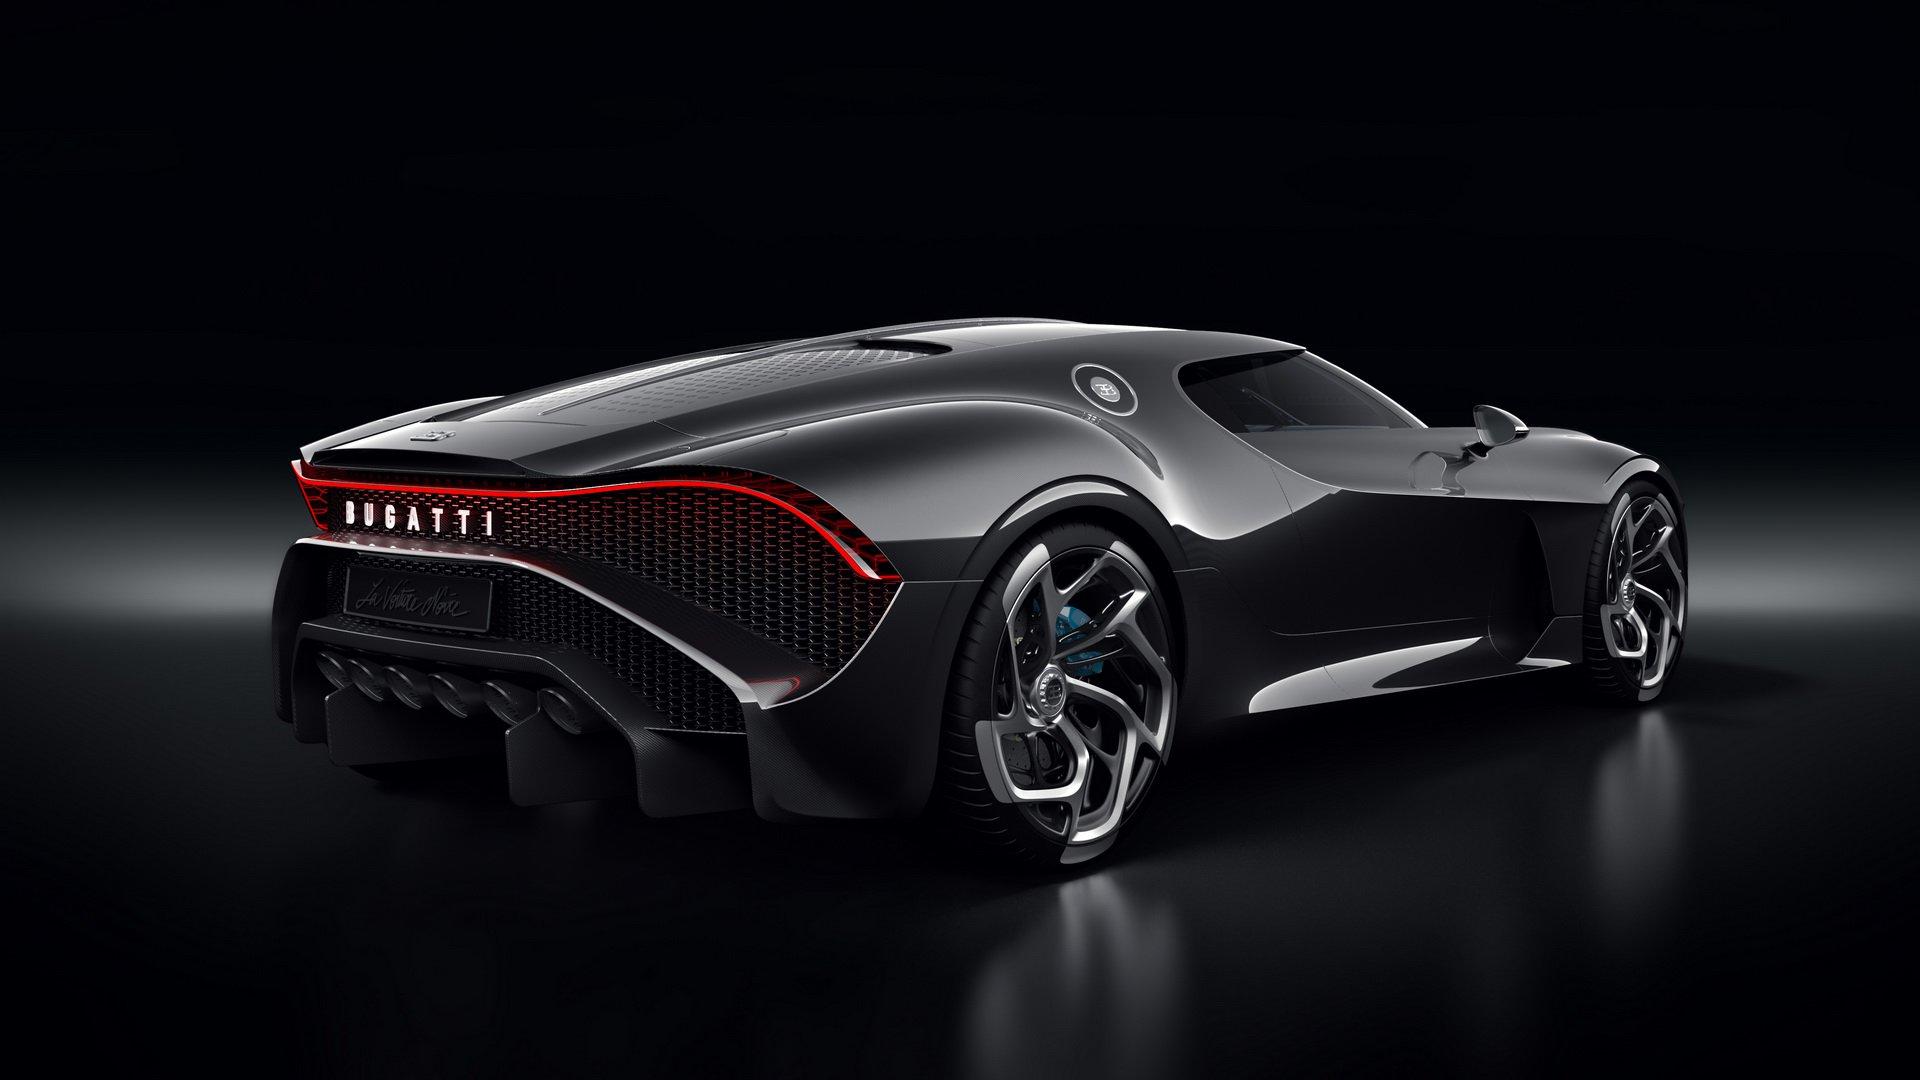 4d8ae816-2019-bugatti-la-voiture-noire-4